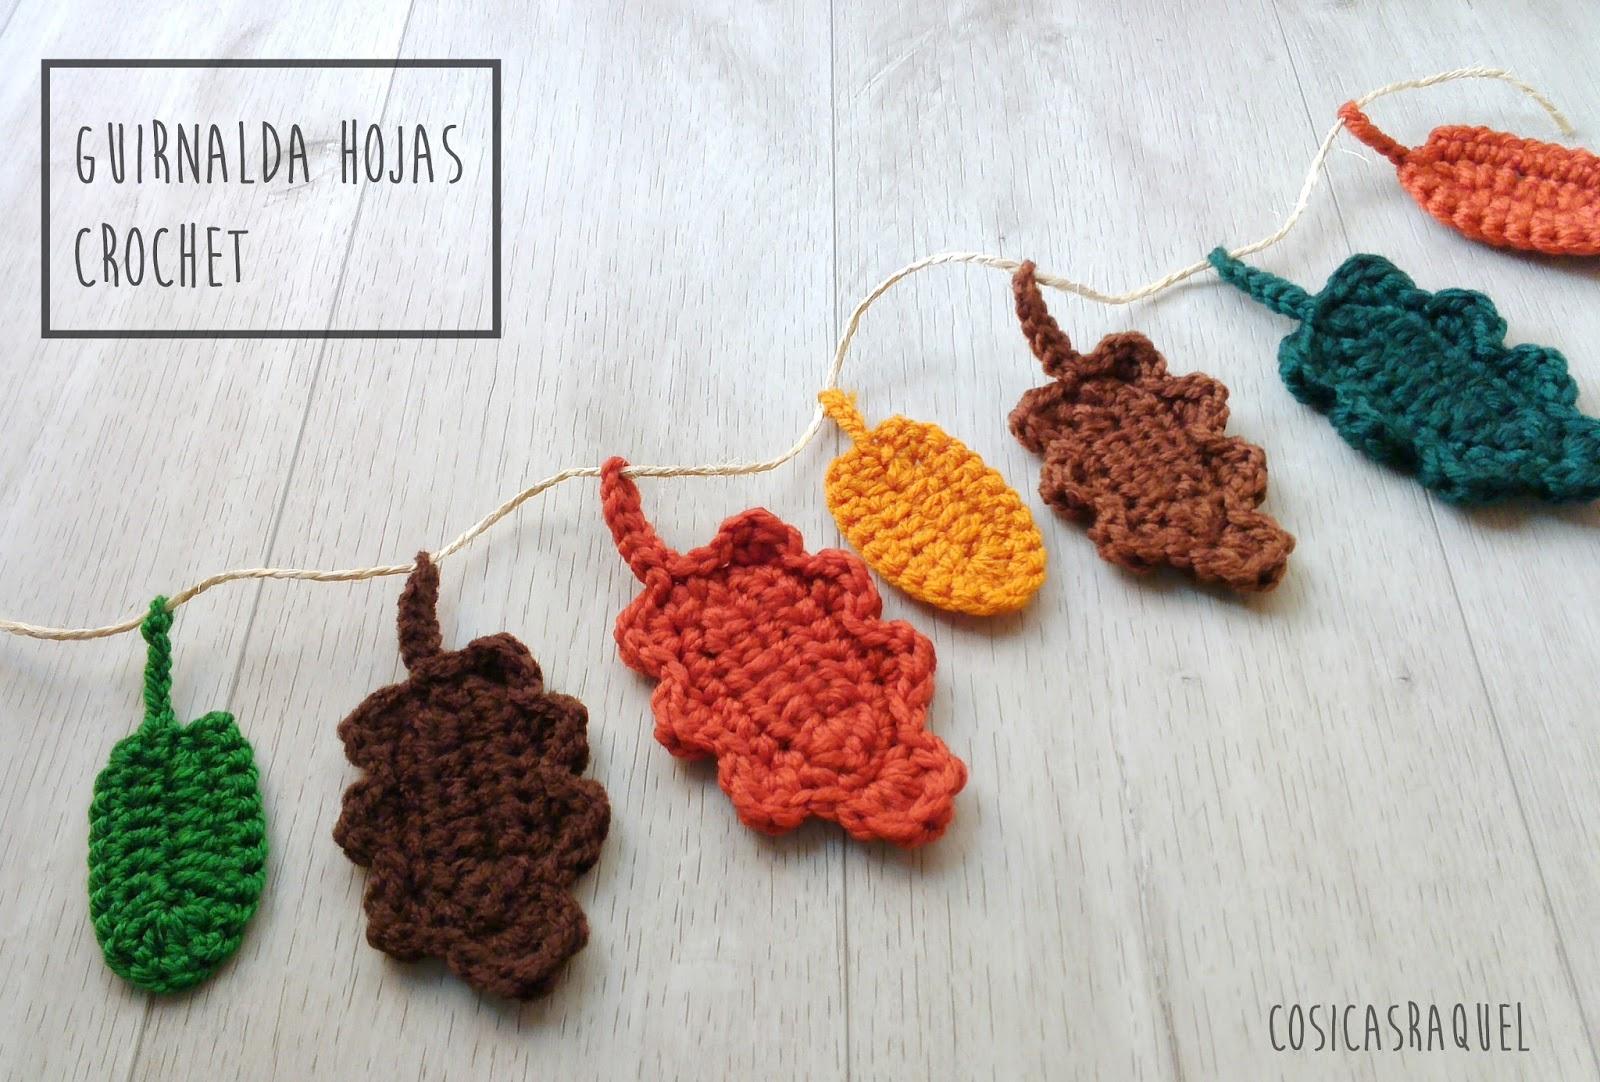 cosicasraquel: Guirnalda Hojas Crochet